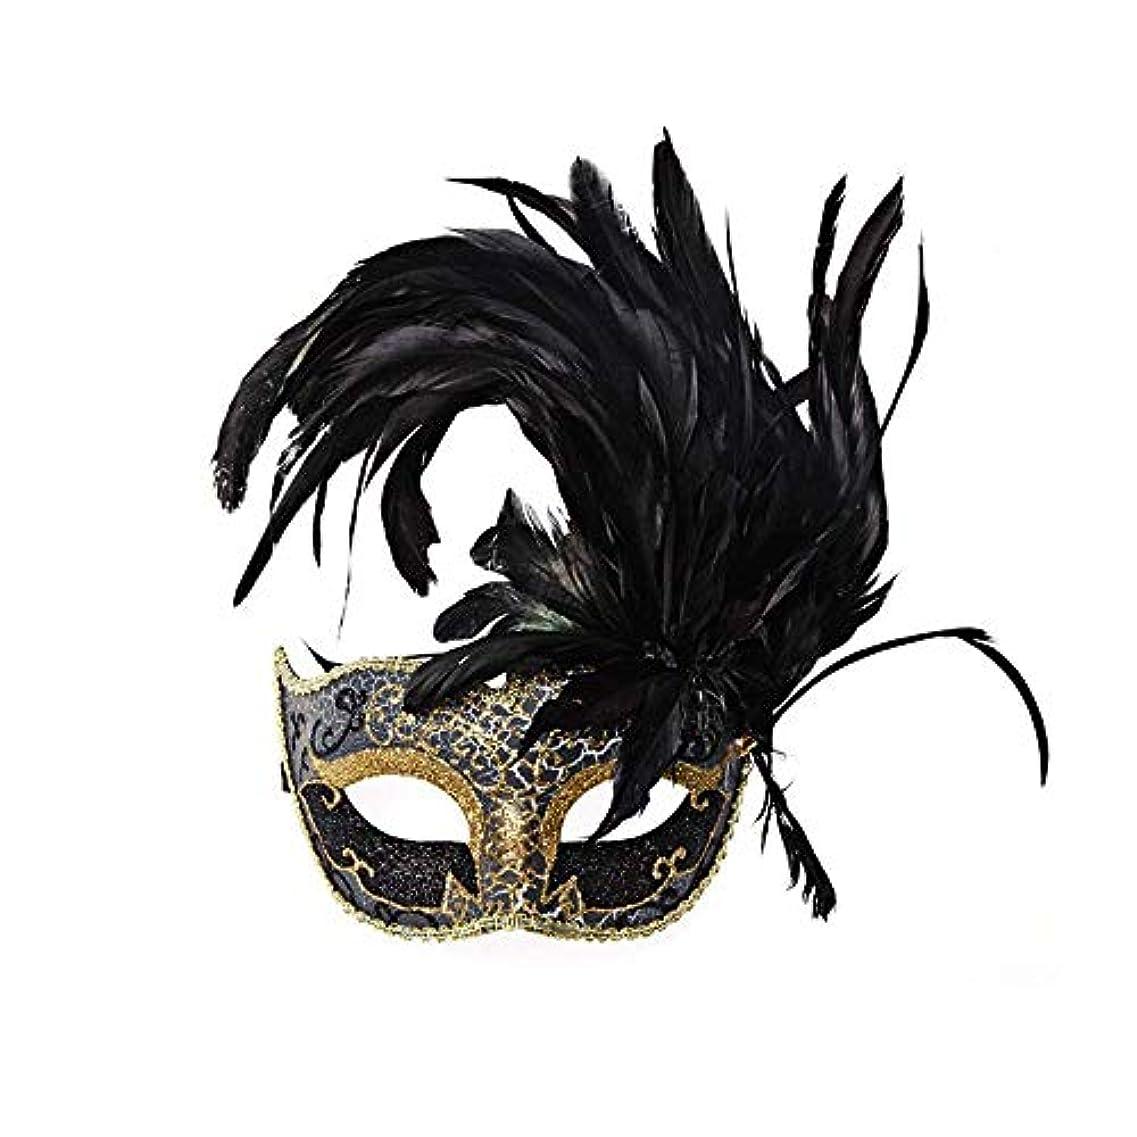 親愛な飼い慣らす変成器Nanle ハロウィンマスクハーフフェザーマスクベニスプリンセスマスク美容レース仮面ライダーコスプレ (色 : Style A black)